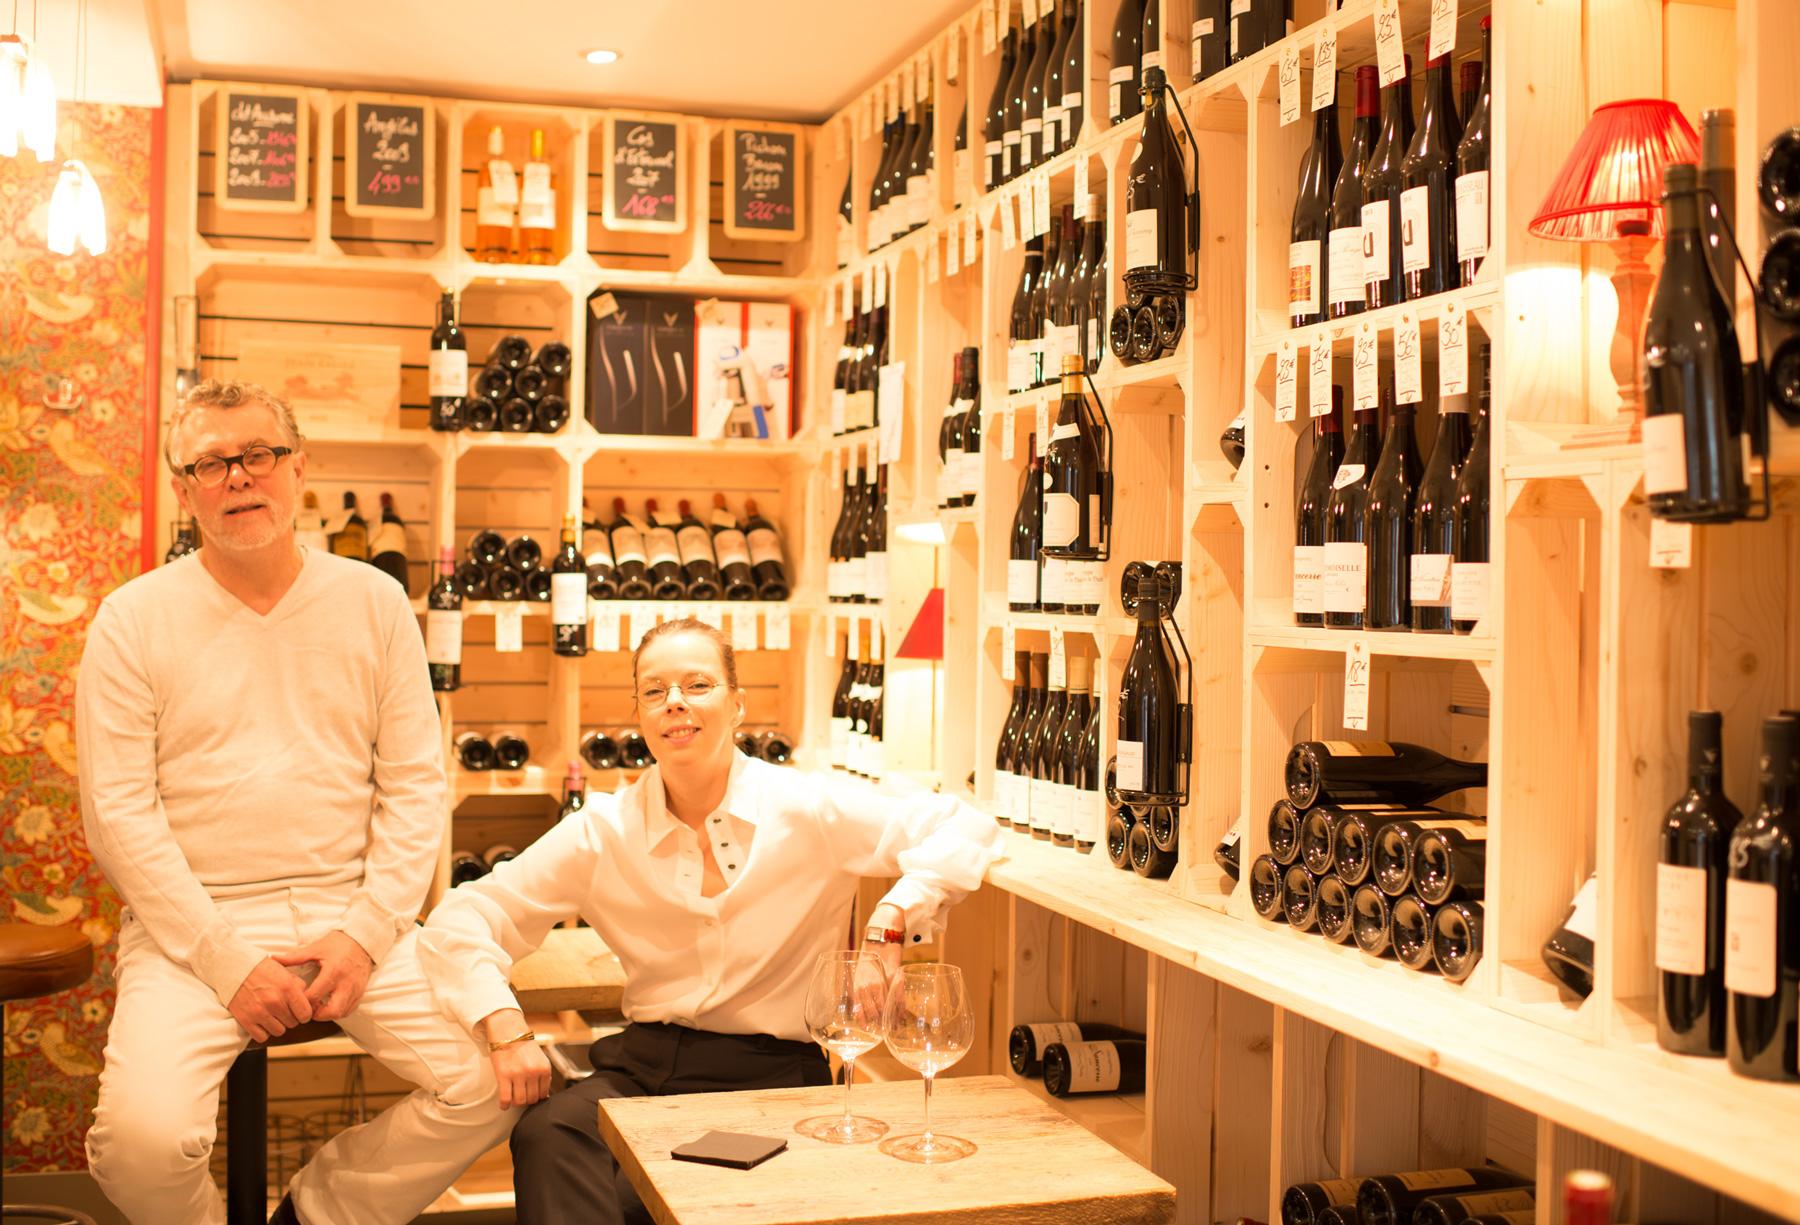 Carole-et-Denis-Mur-des-rouges-small.jpg